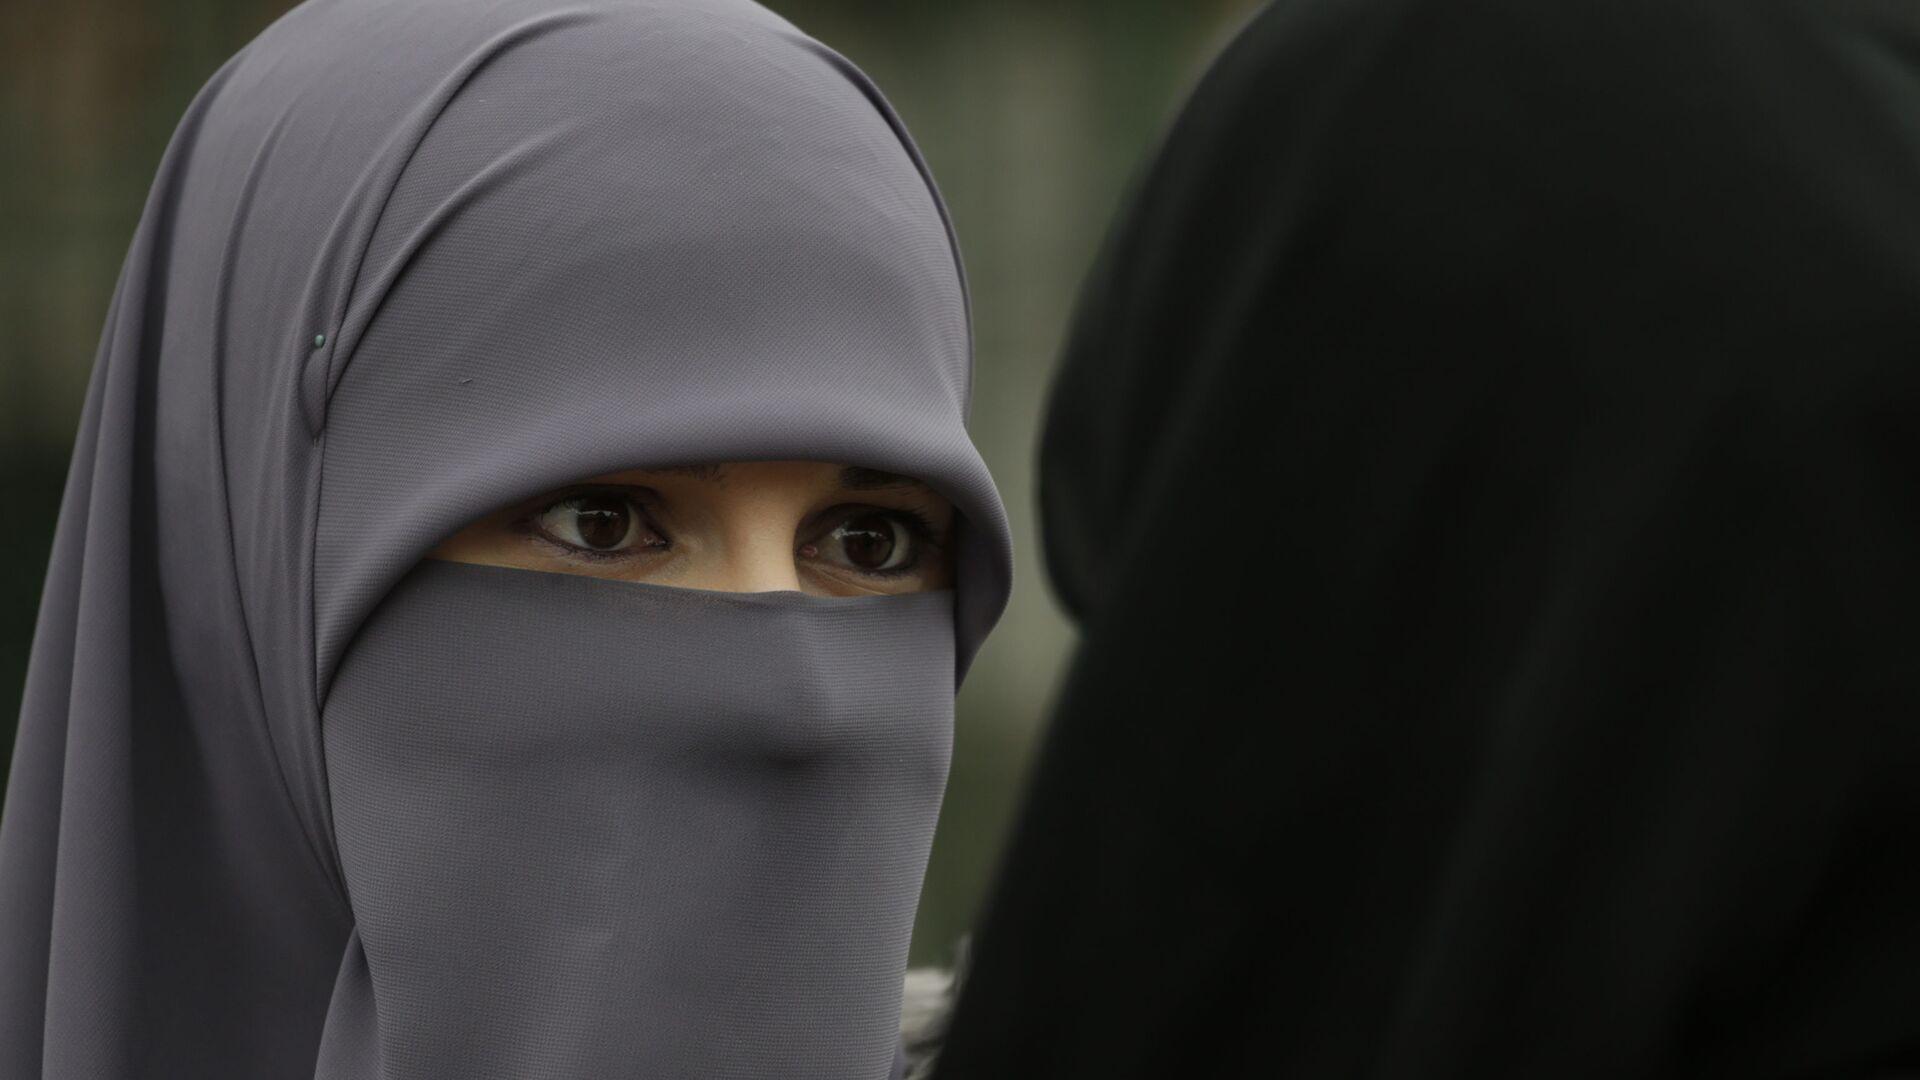 Женщина в хиджабе во Всемирный день хиджаба - Sputnik Таджикистан, 1920, 06.07.2021